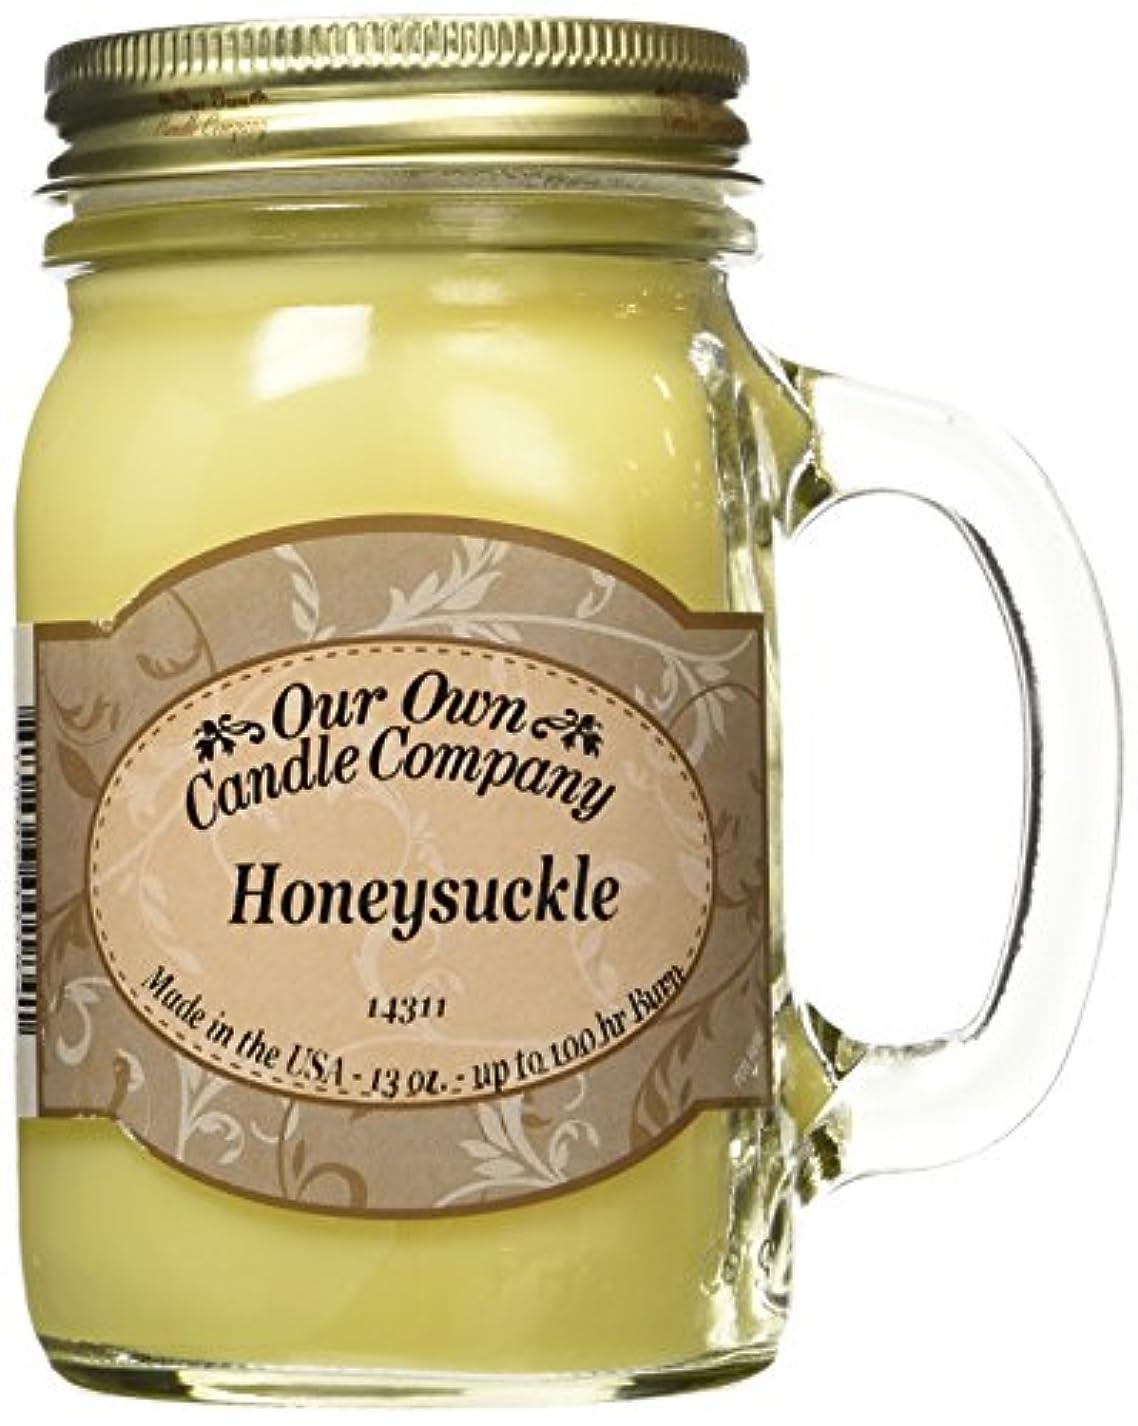 トマトツーリスト脆いアロマキャンドル メイソンジャー ハニーサックル ビッグ Our Own Candle Company Honeysuckle big 日本未発売フレグランス